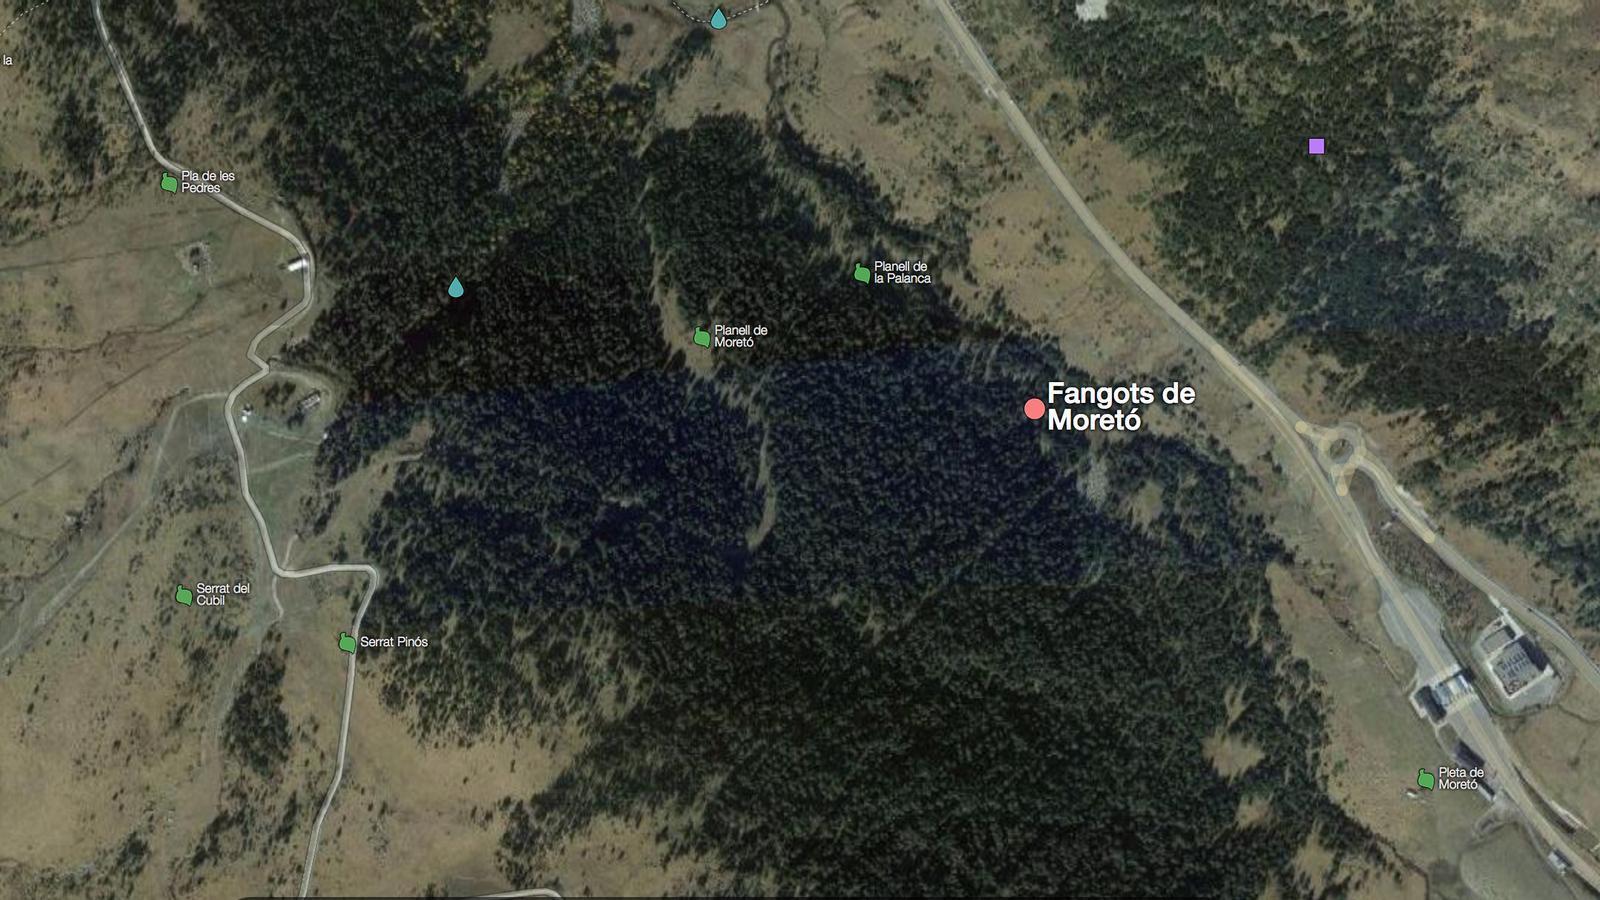 Vista per satèl·lit de la zona de l'ampliació. / GOOGLE MAPS